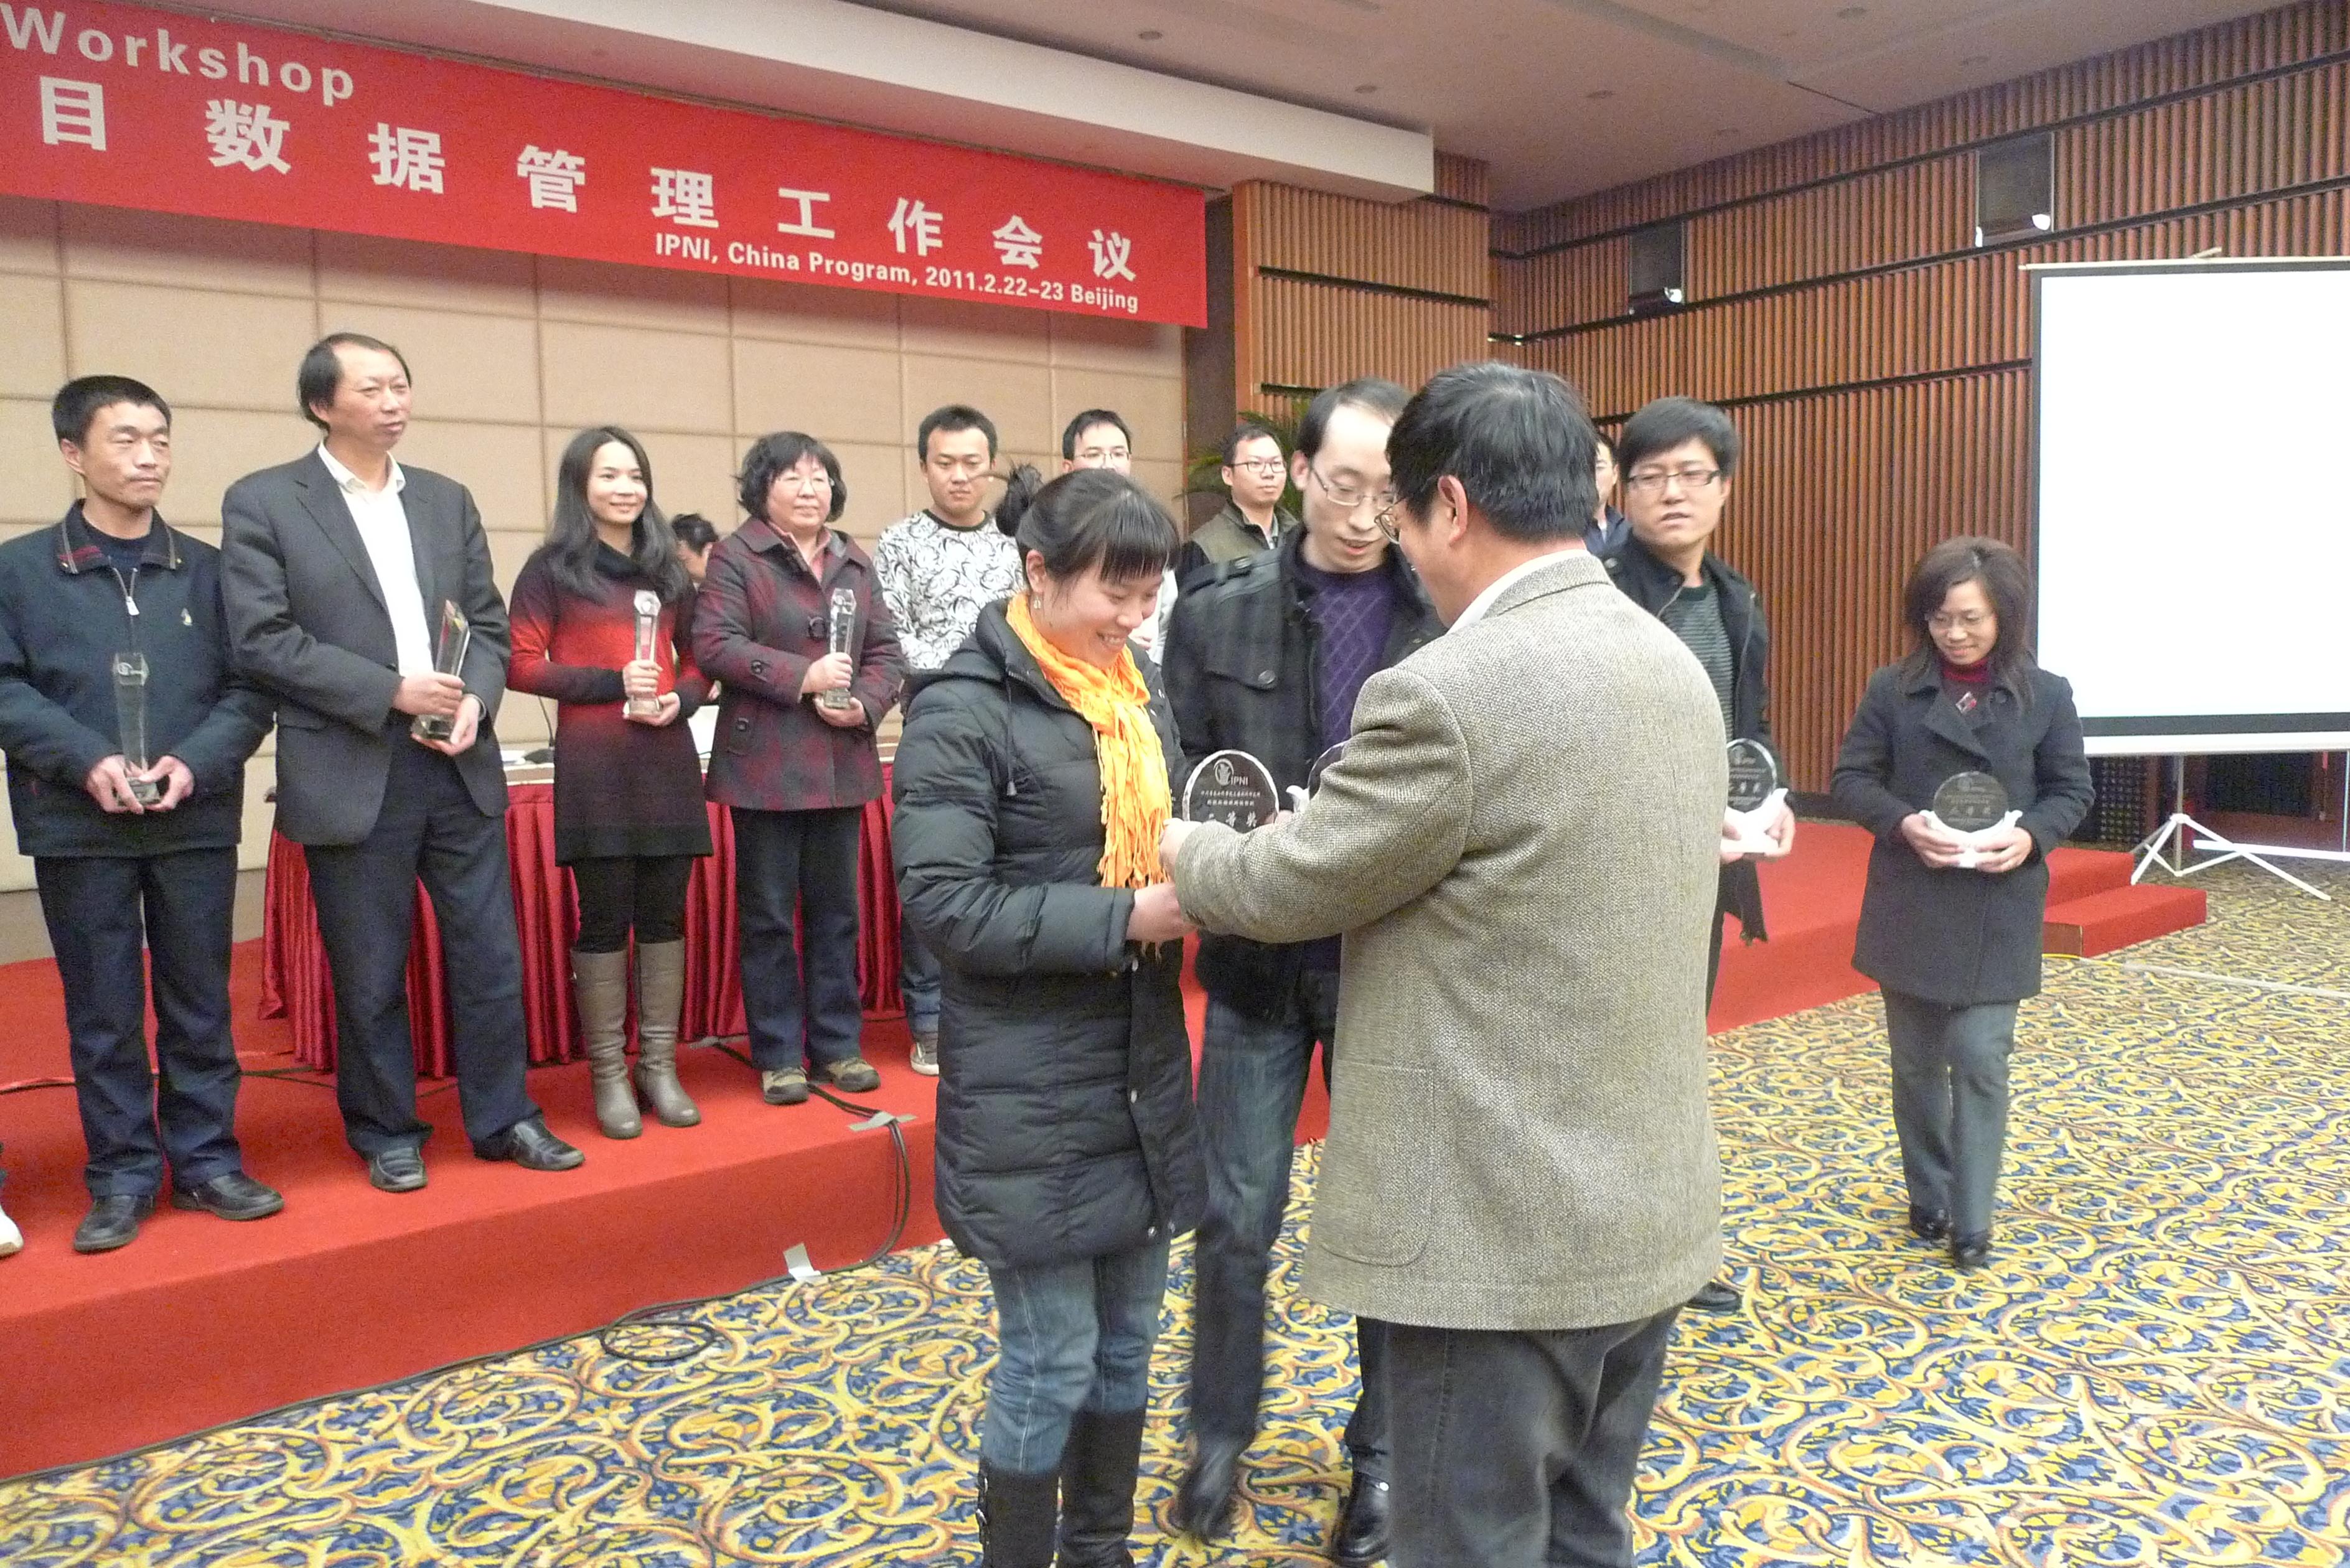 四川省农科院土肥所_四川省农科院土肥所获得了二等奖.